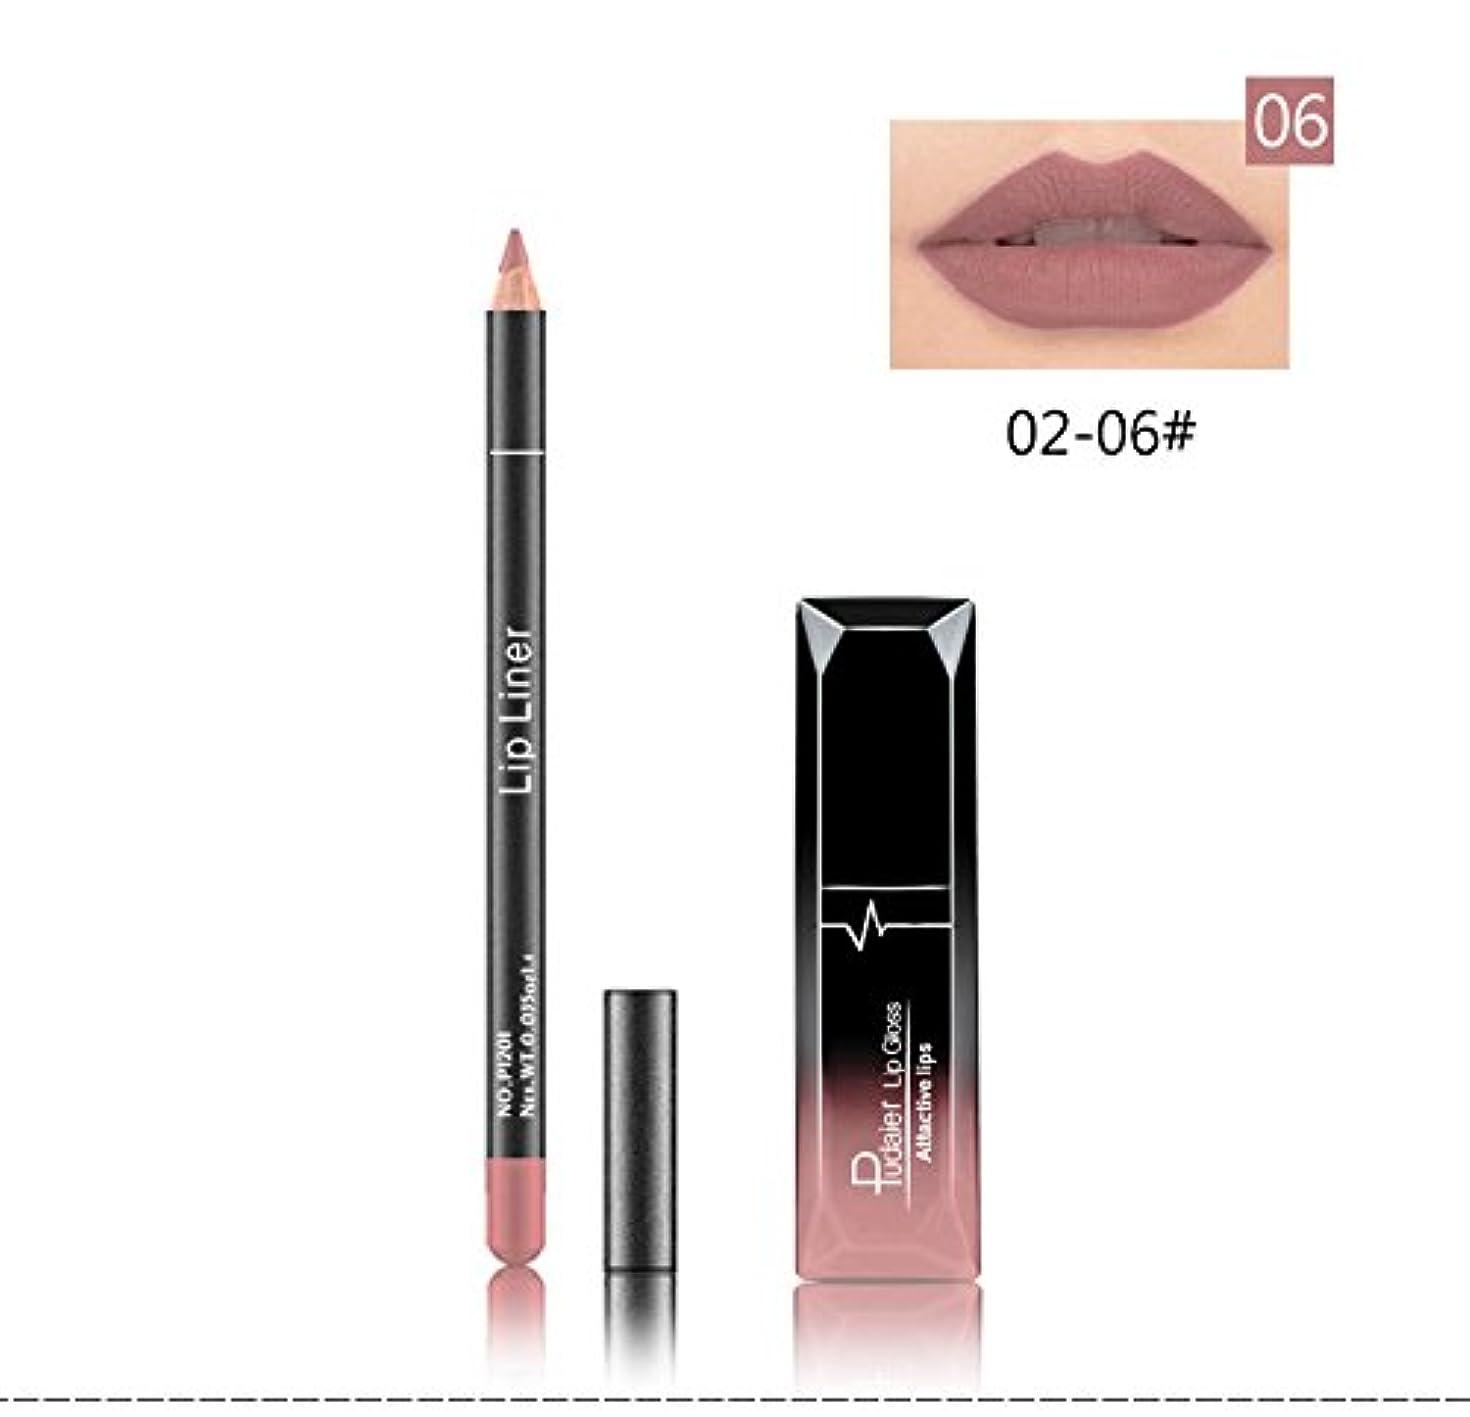 男らしさ配分町(06) Pudaier 1pc Matte Liquid Lipstick Cosmetic Lip Kit+ 1 Pc Nude Lip Liner Pencil MakeUp Set Waterproof Long Lasting Lipstick Gfit